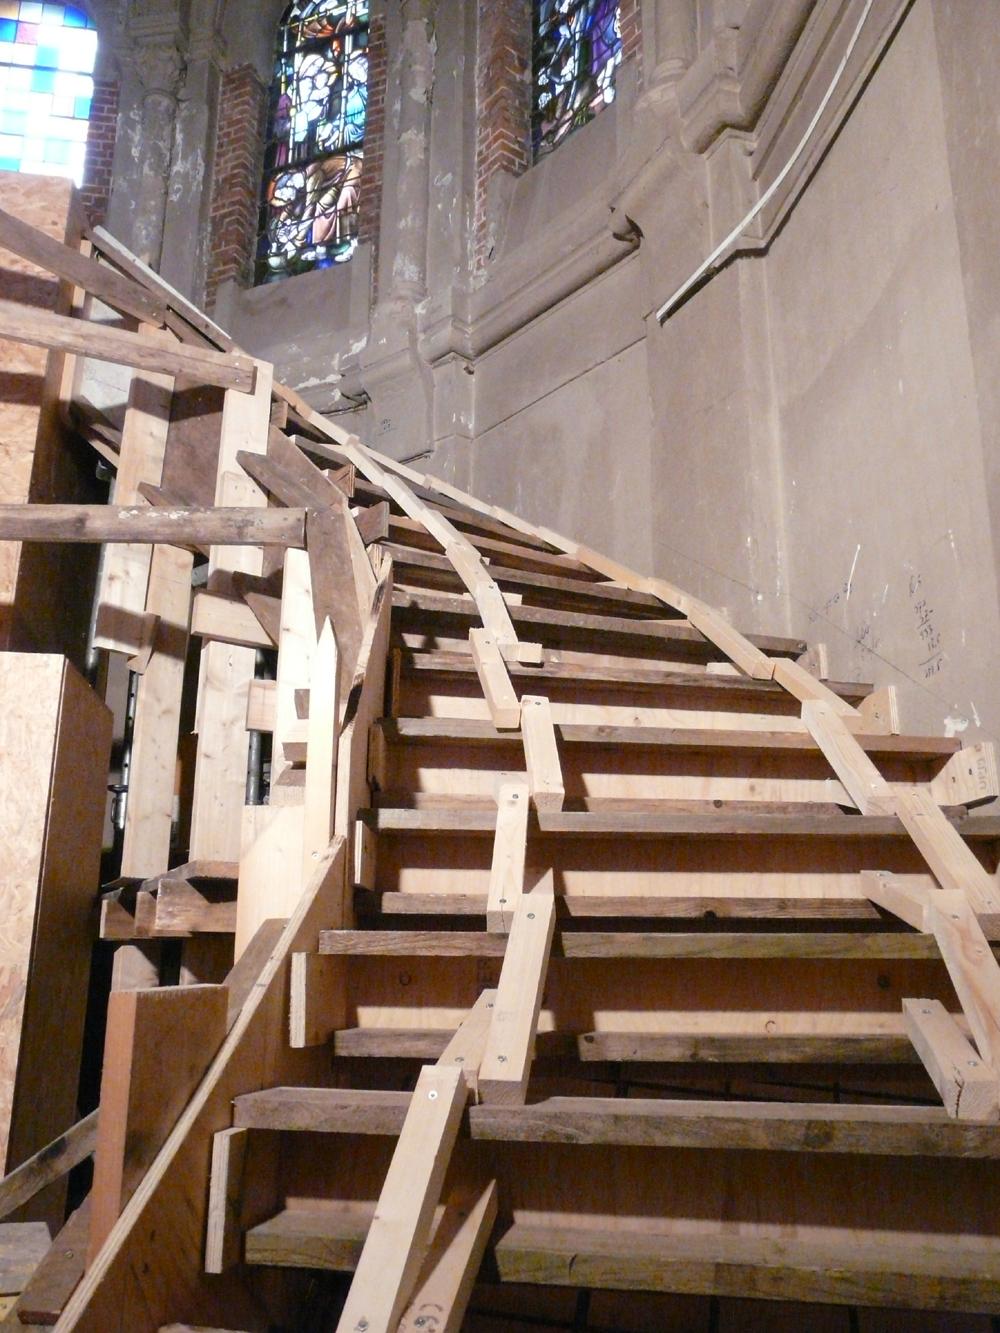 De bekisting is gemaakt voor de kleine trap in de ronding.